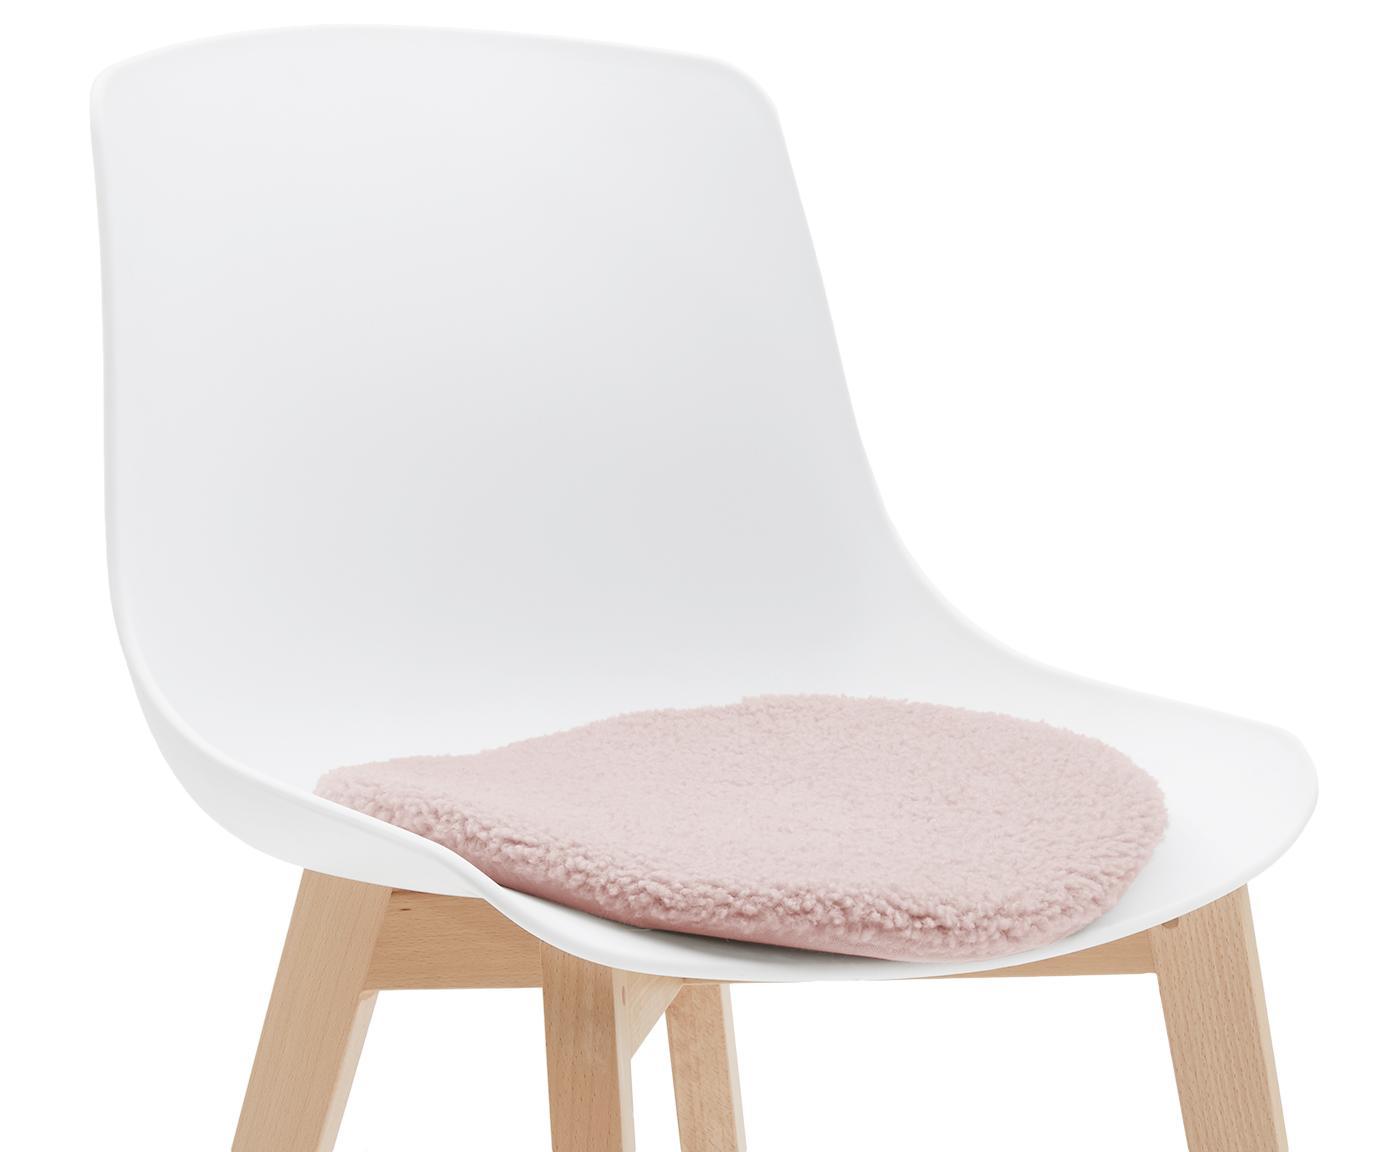 Runde Teddy-Sitzauflage Mille, Vorderseite: 100% Polyester (Teddyfell, Rückseite: 100% Polyester, Rosa, Ø 37 cm